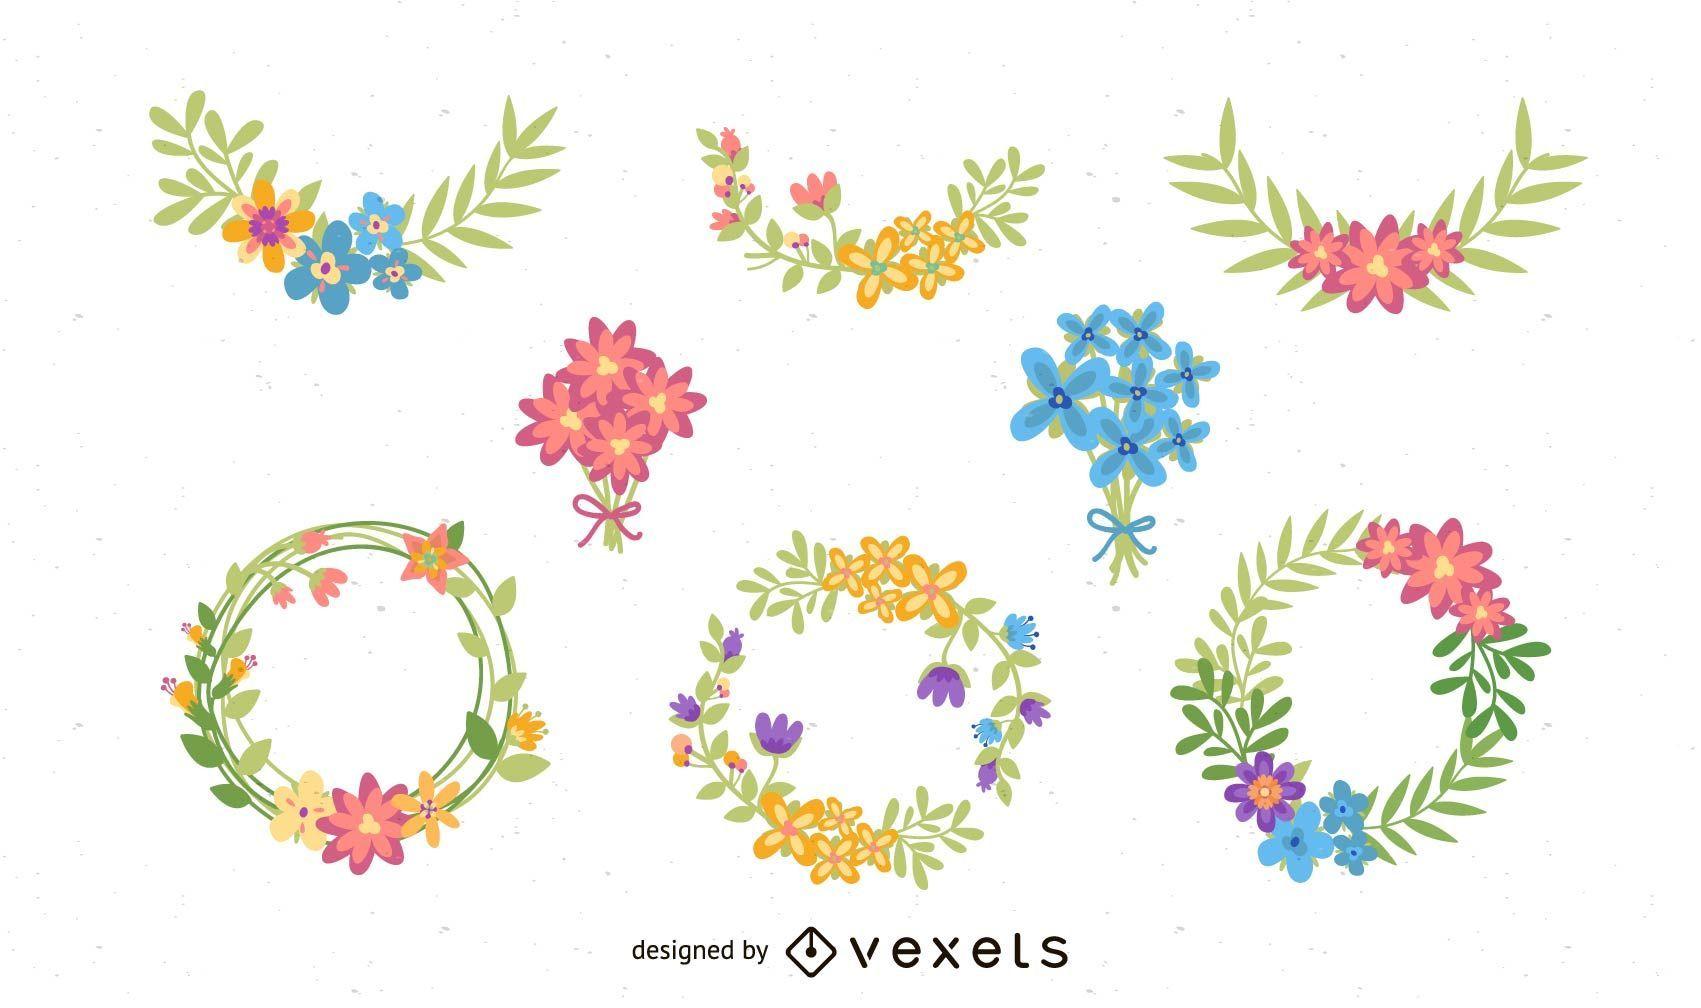 Floral Wreath & Bouquet pack